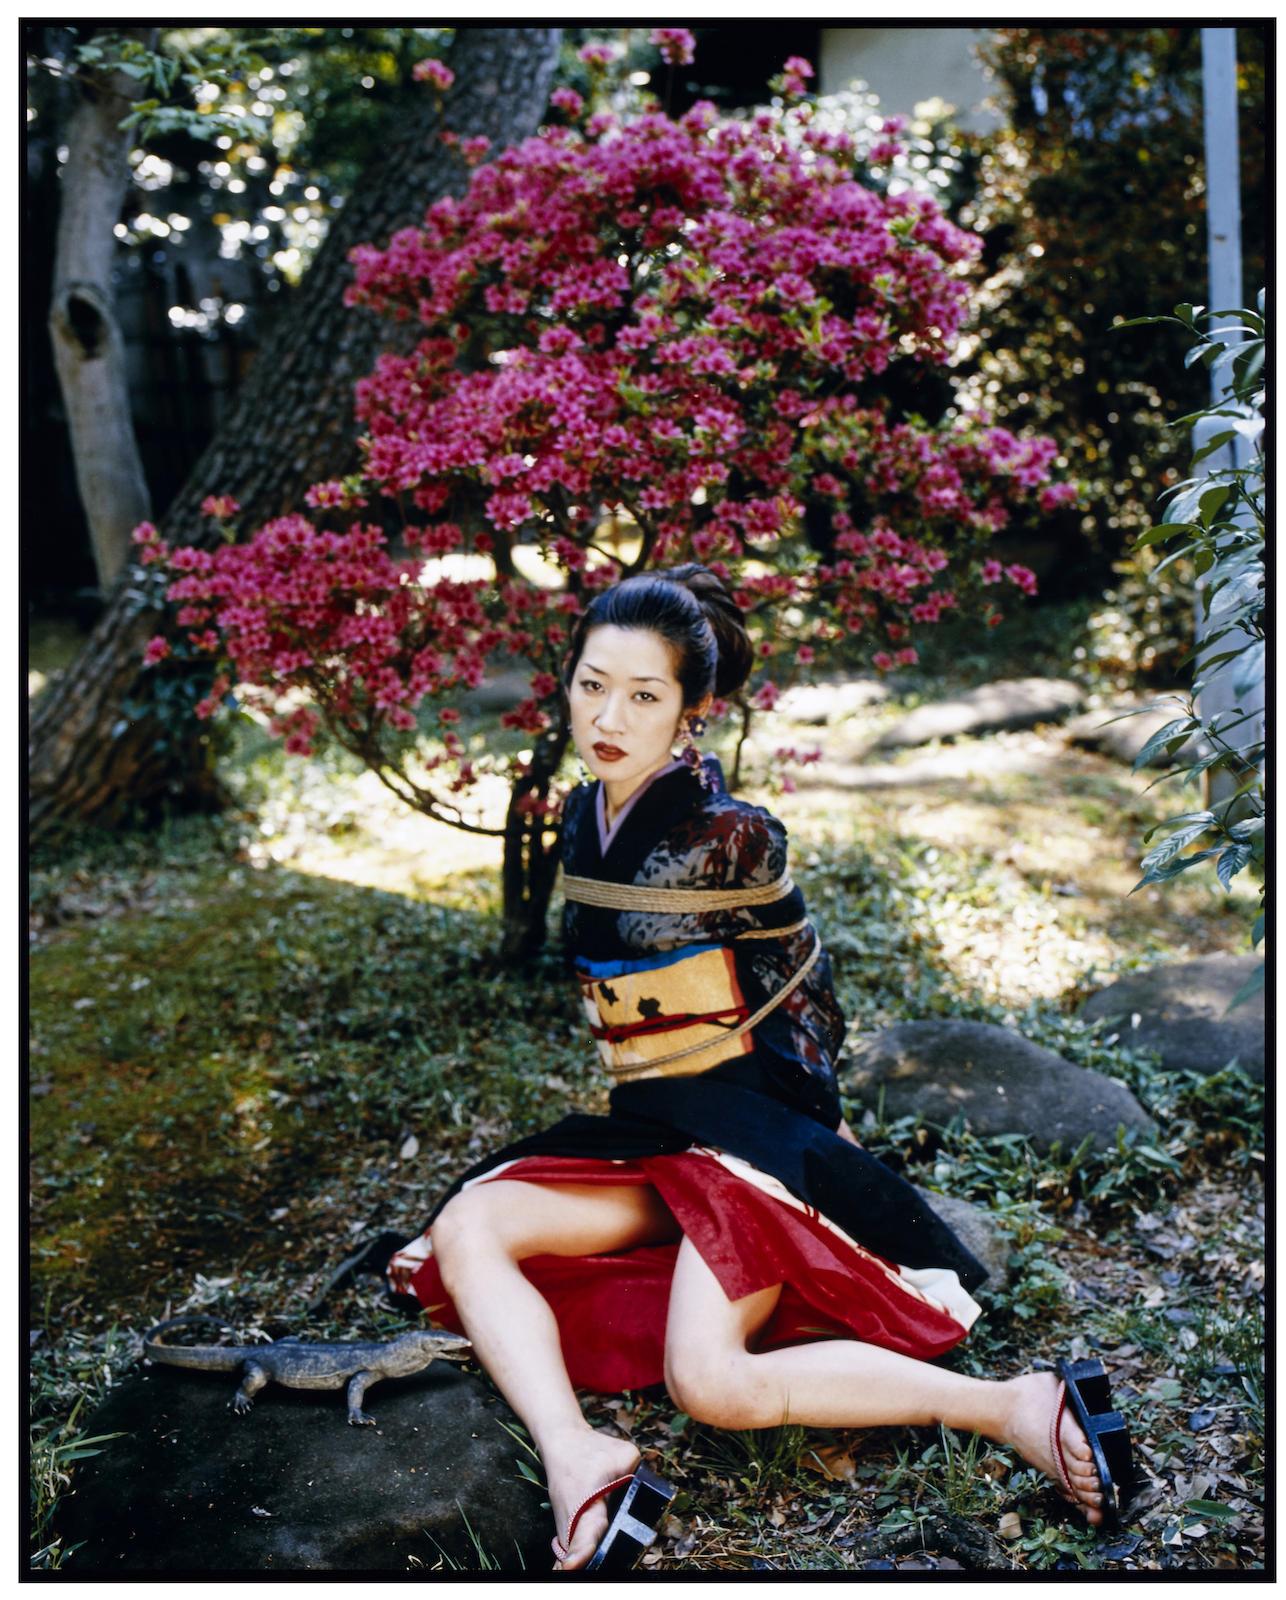 Nobuyoshi Araki-Flower, Yamorinski and Bondaged Woman-2006